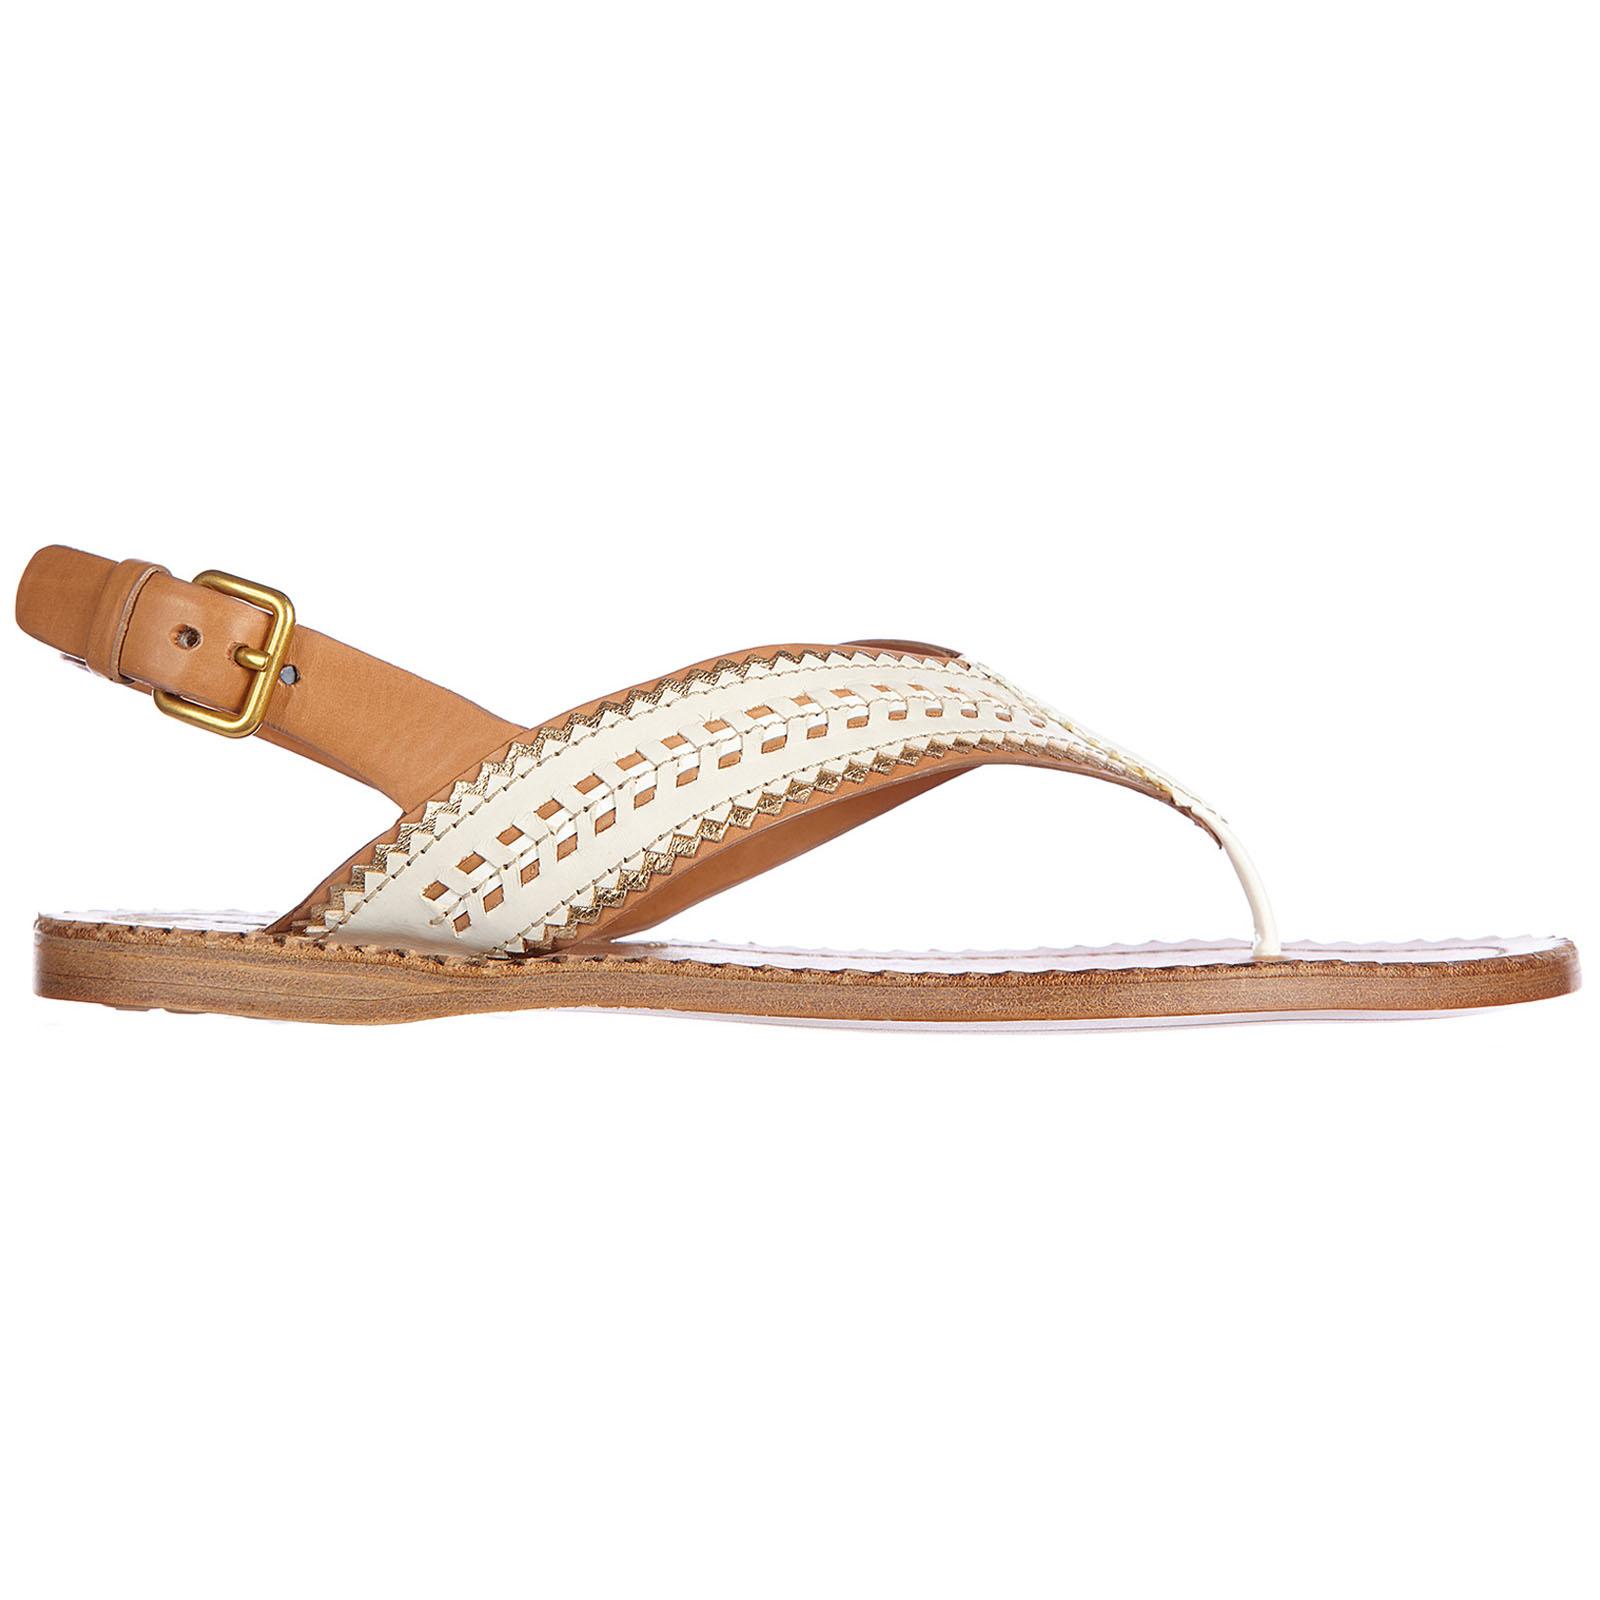 Car Shoe Women's leather flip flops sandals nature  - White - Size: 35.5